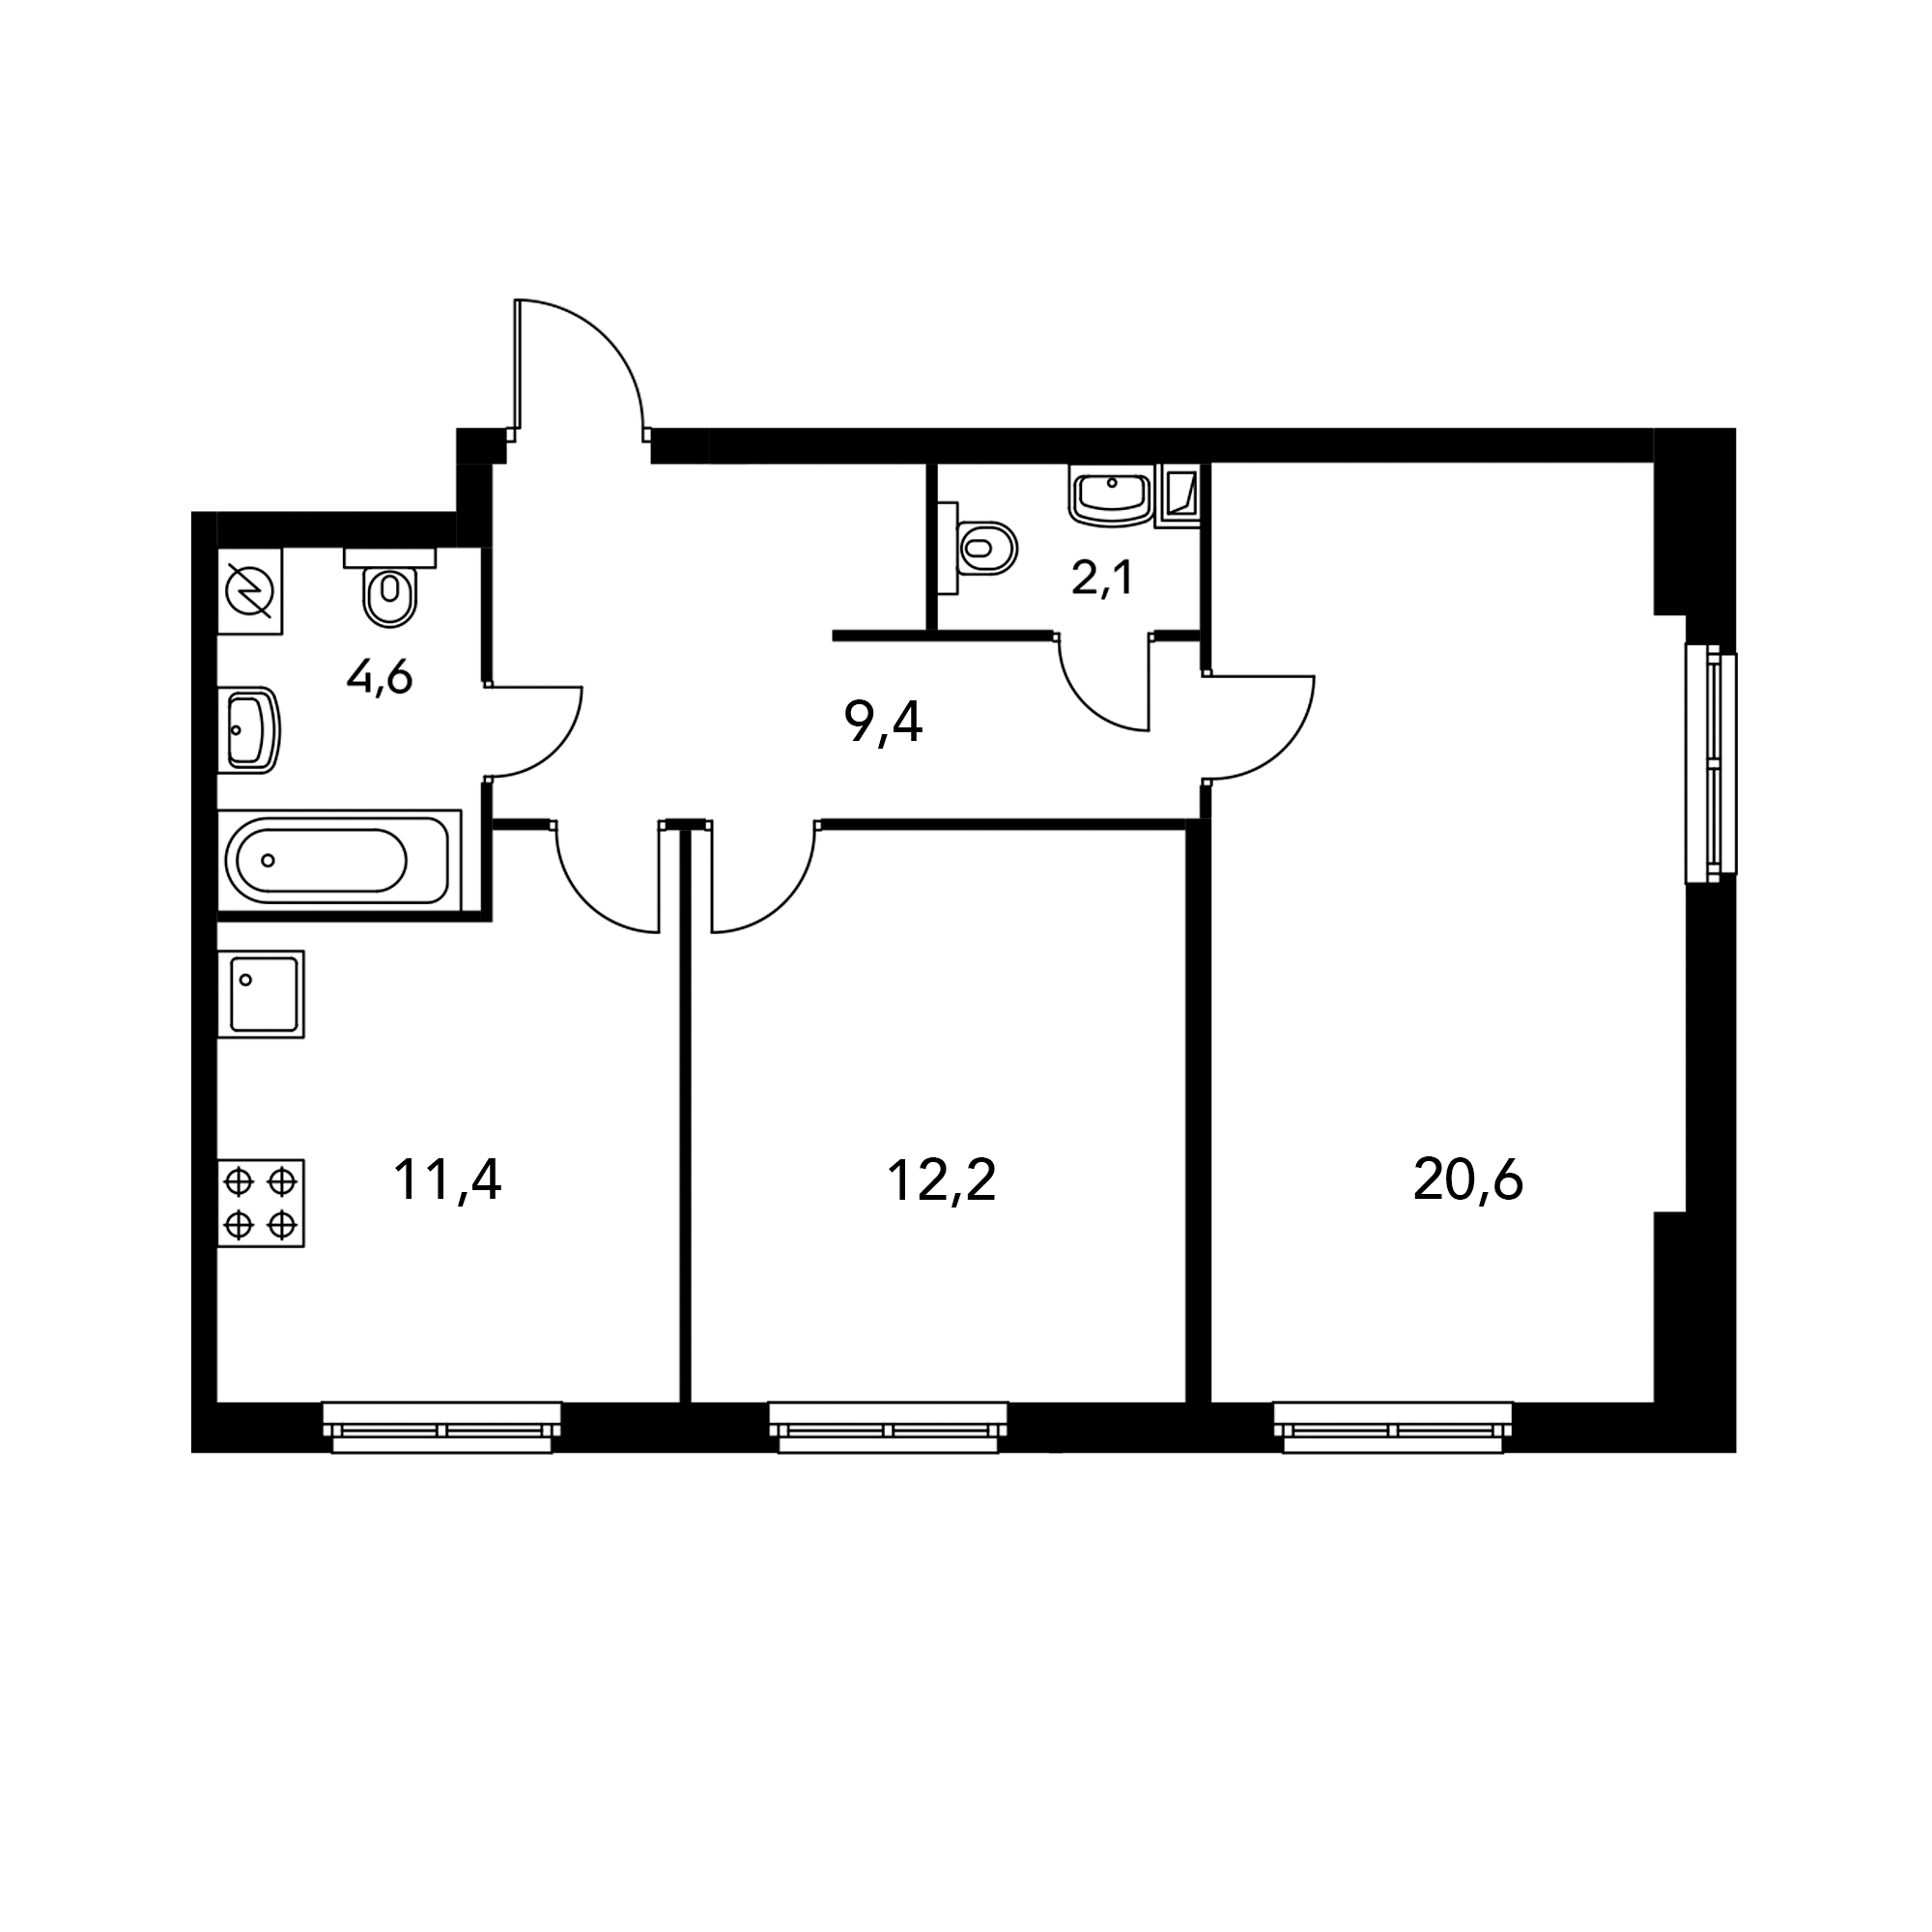 2KM6_10.2-Z